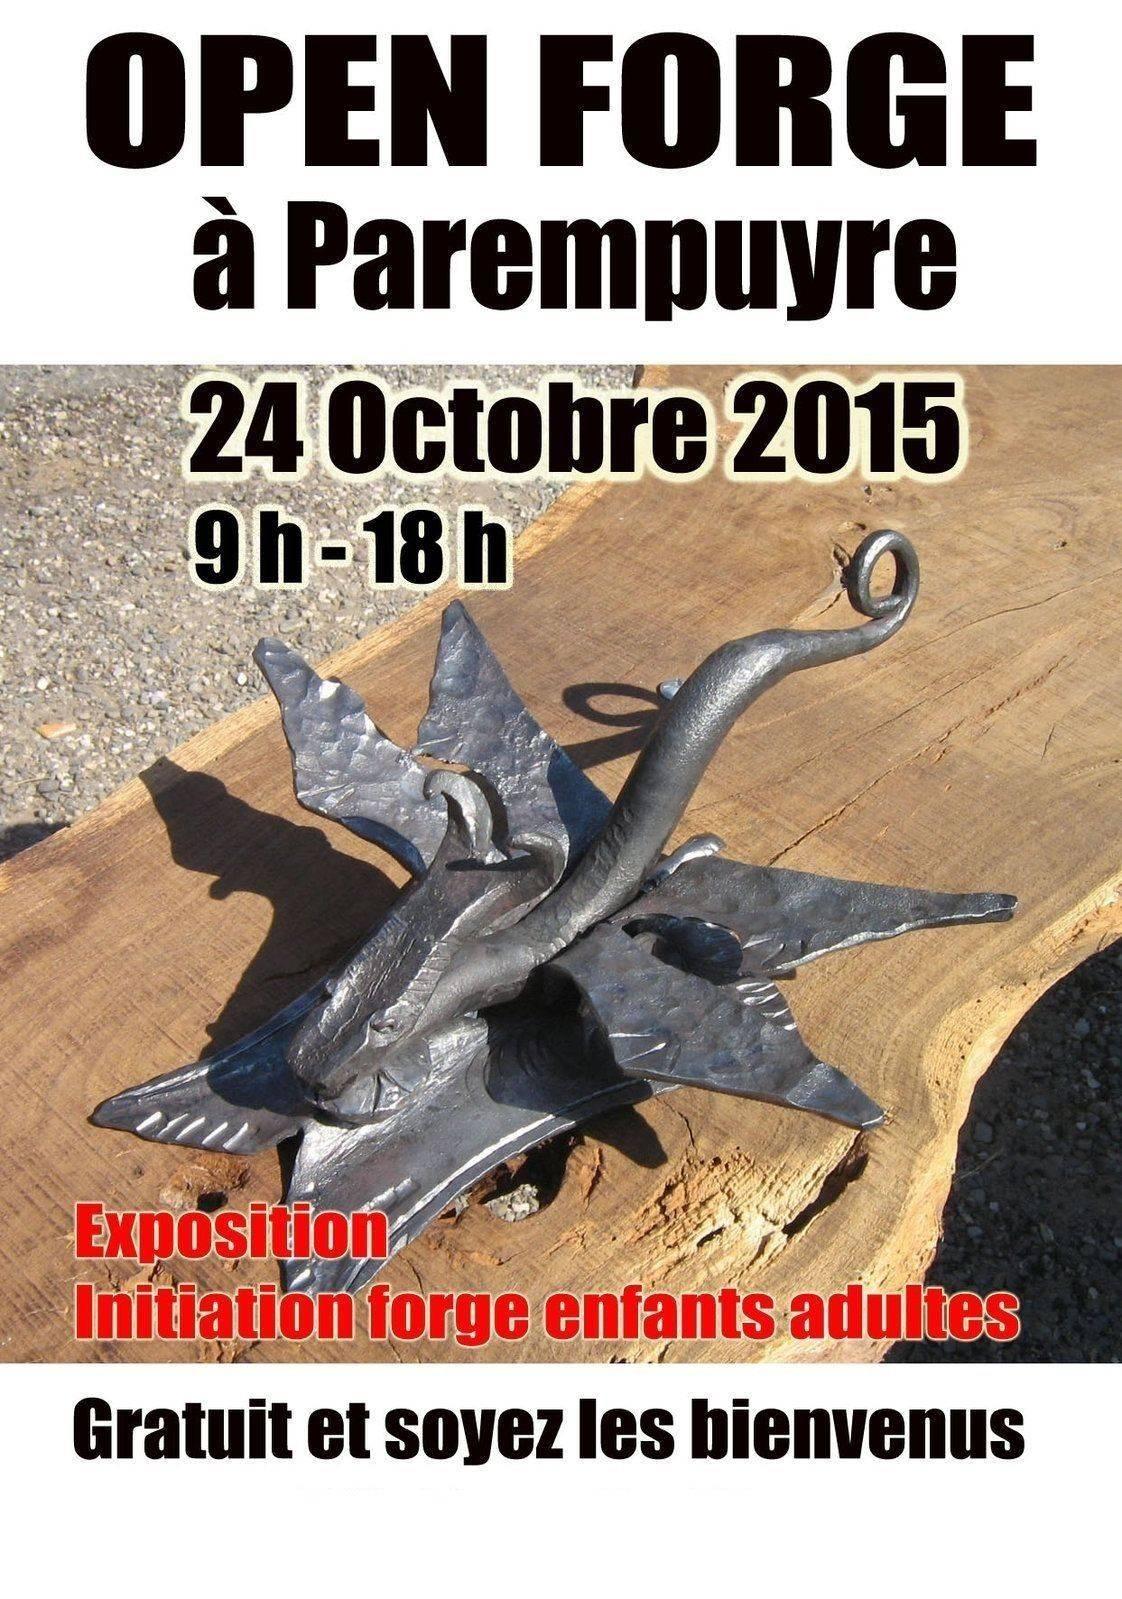 Parempuire2015 1.jpg